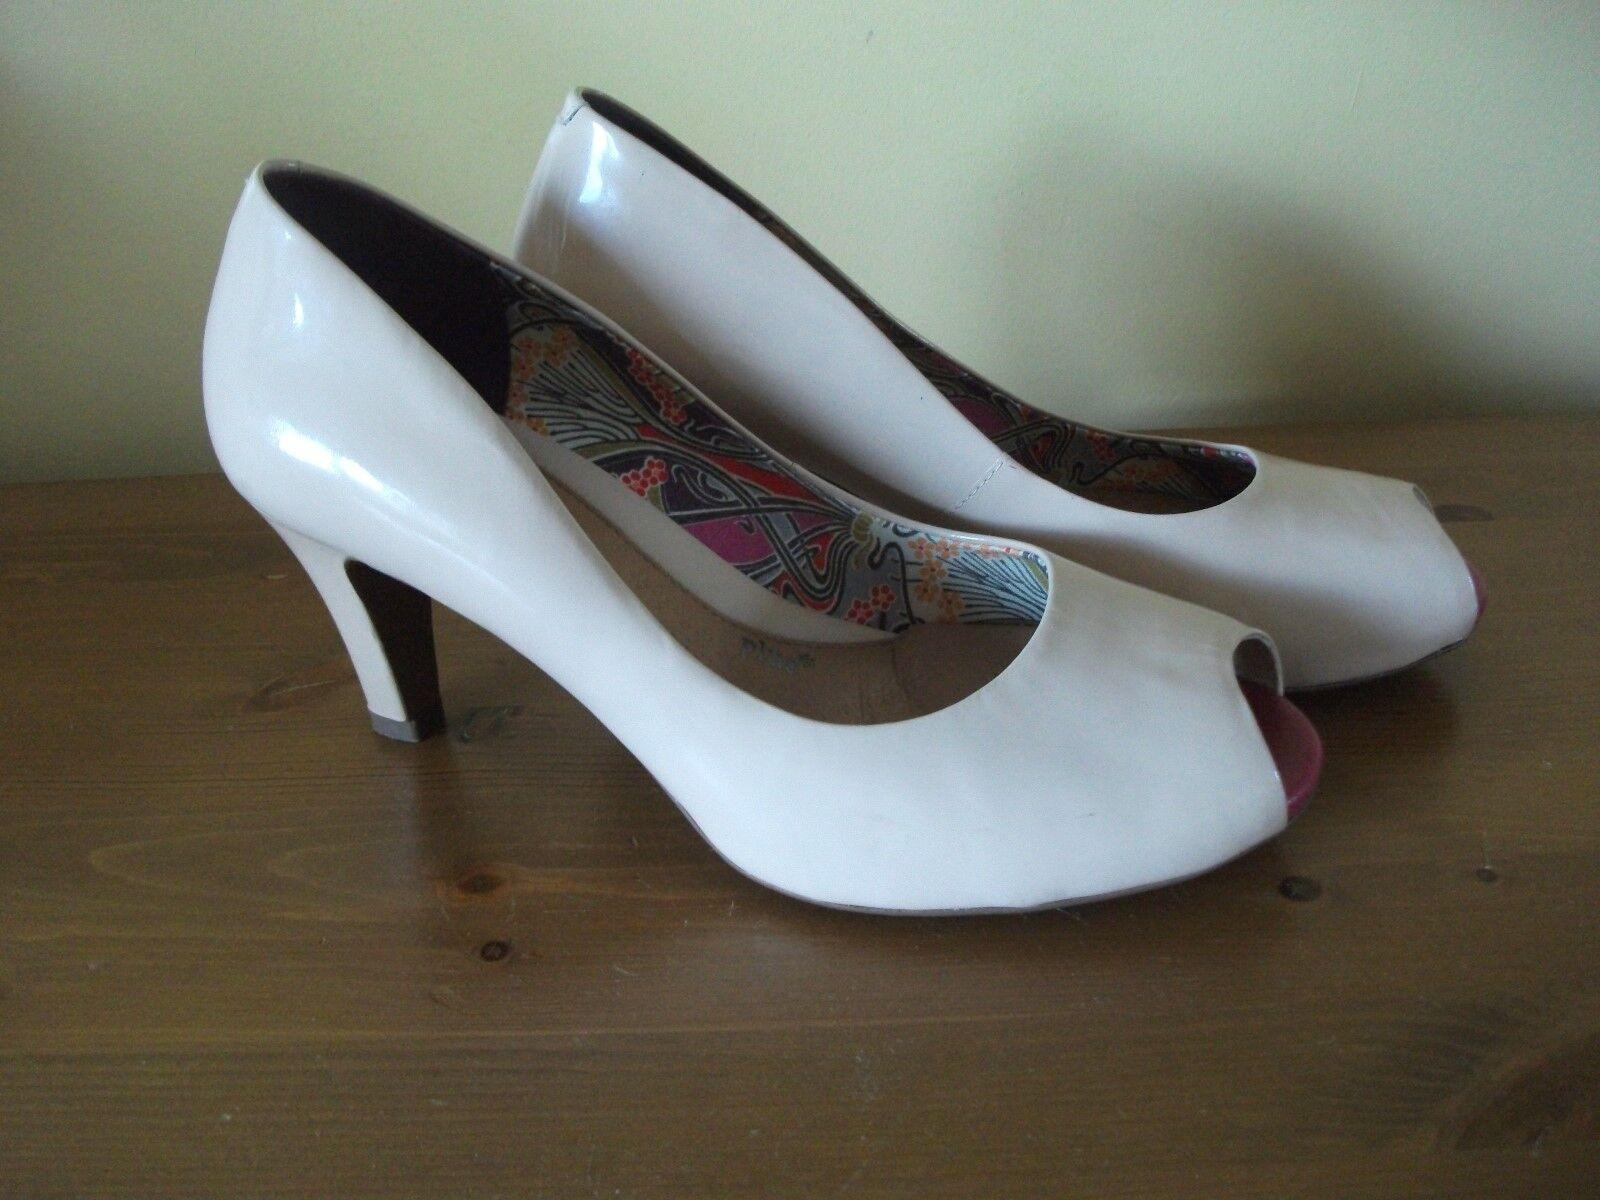 CLARKS Beige PATENT Heel Peep Toe SHOE Size UK 6 EUR 39 Worn Twice